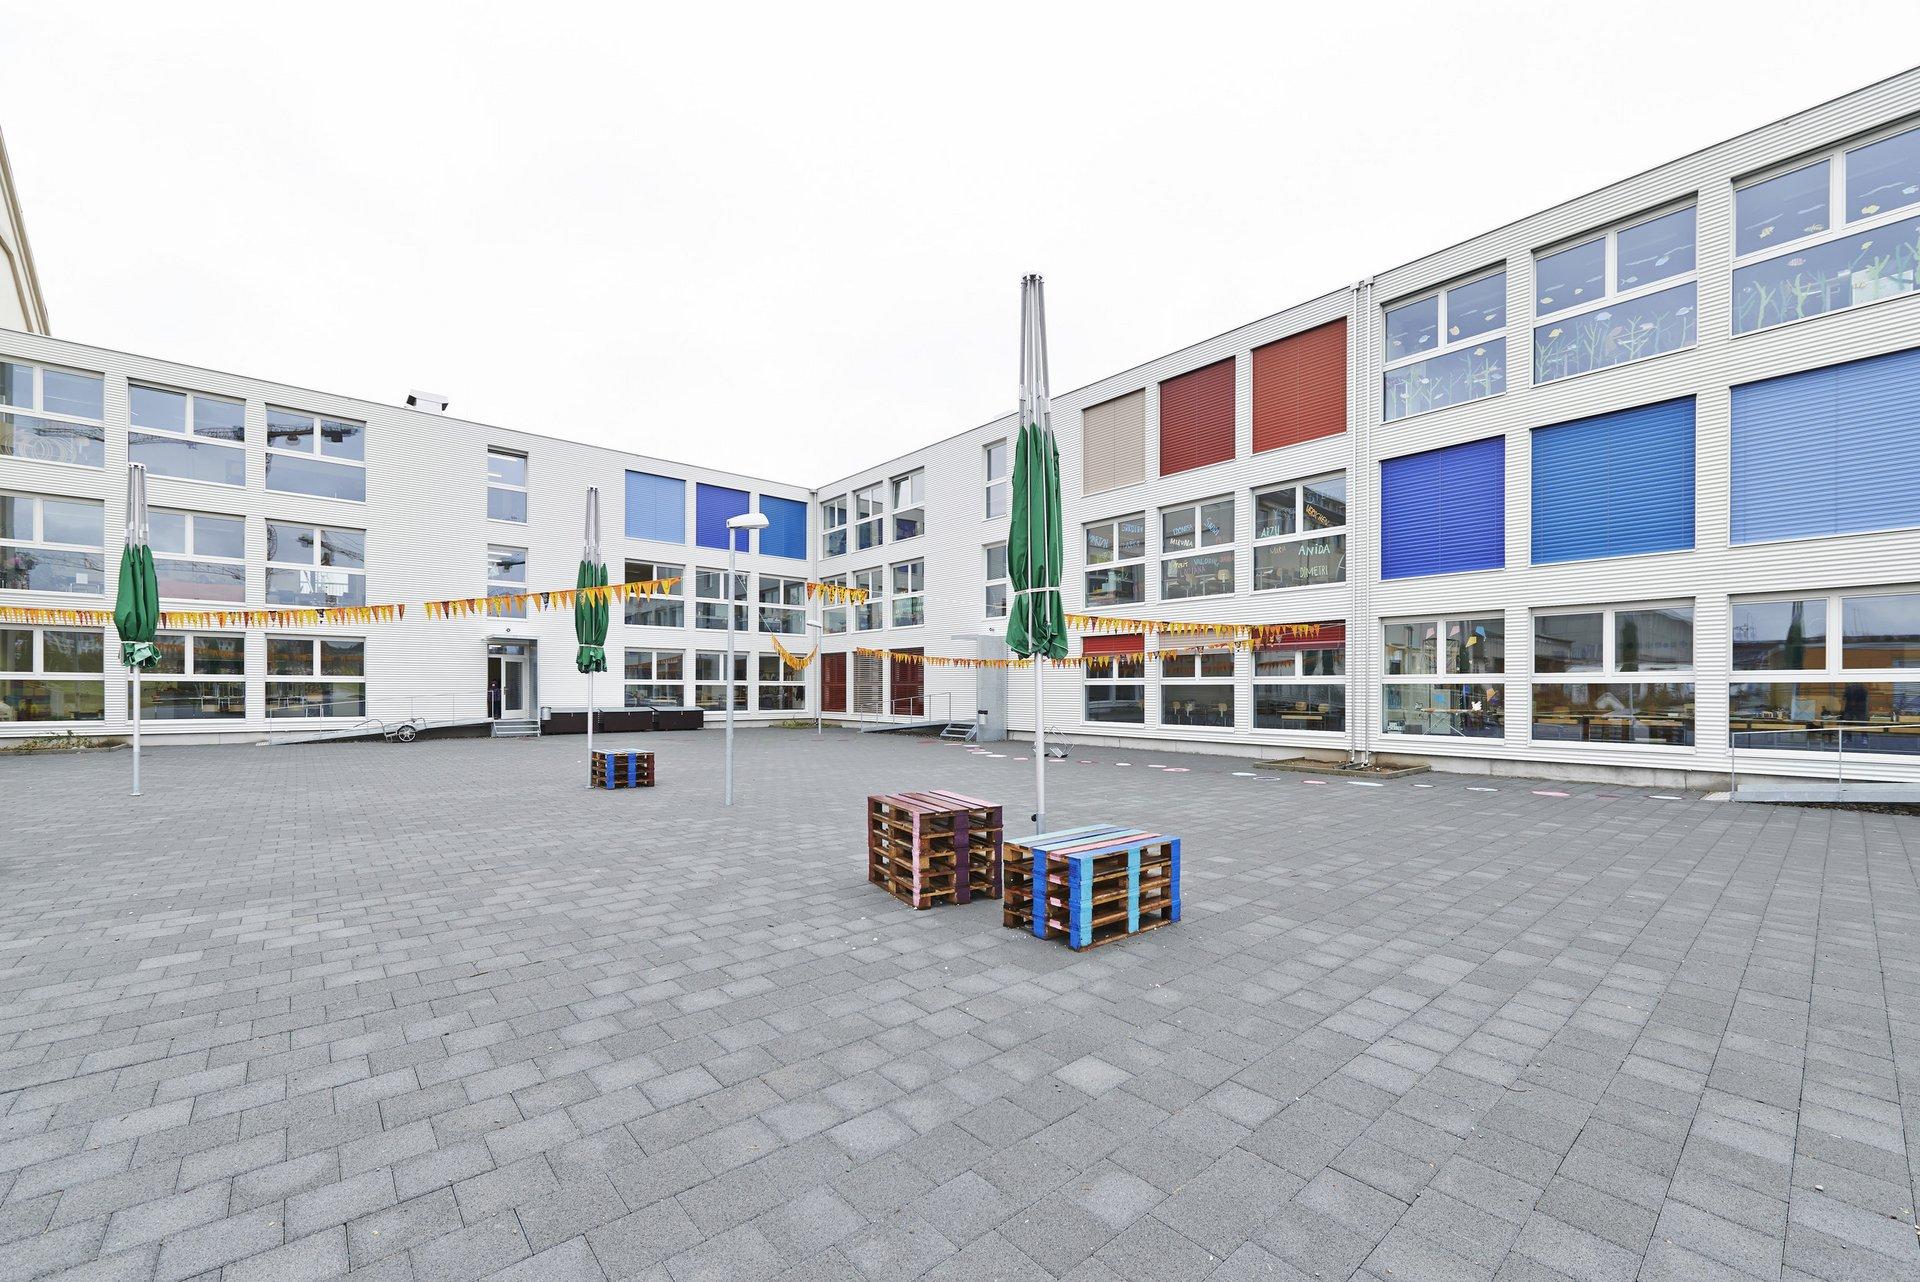 3-geschossiger Schulpavillon in weiss in Modulbauweise mit roten und blauen Jalousien